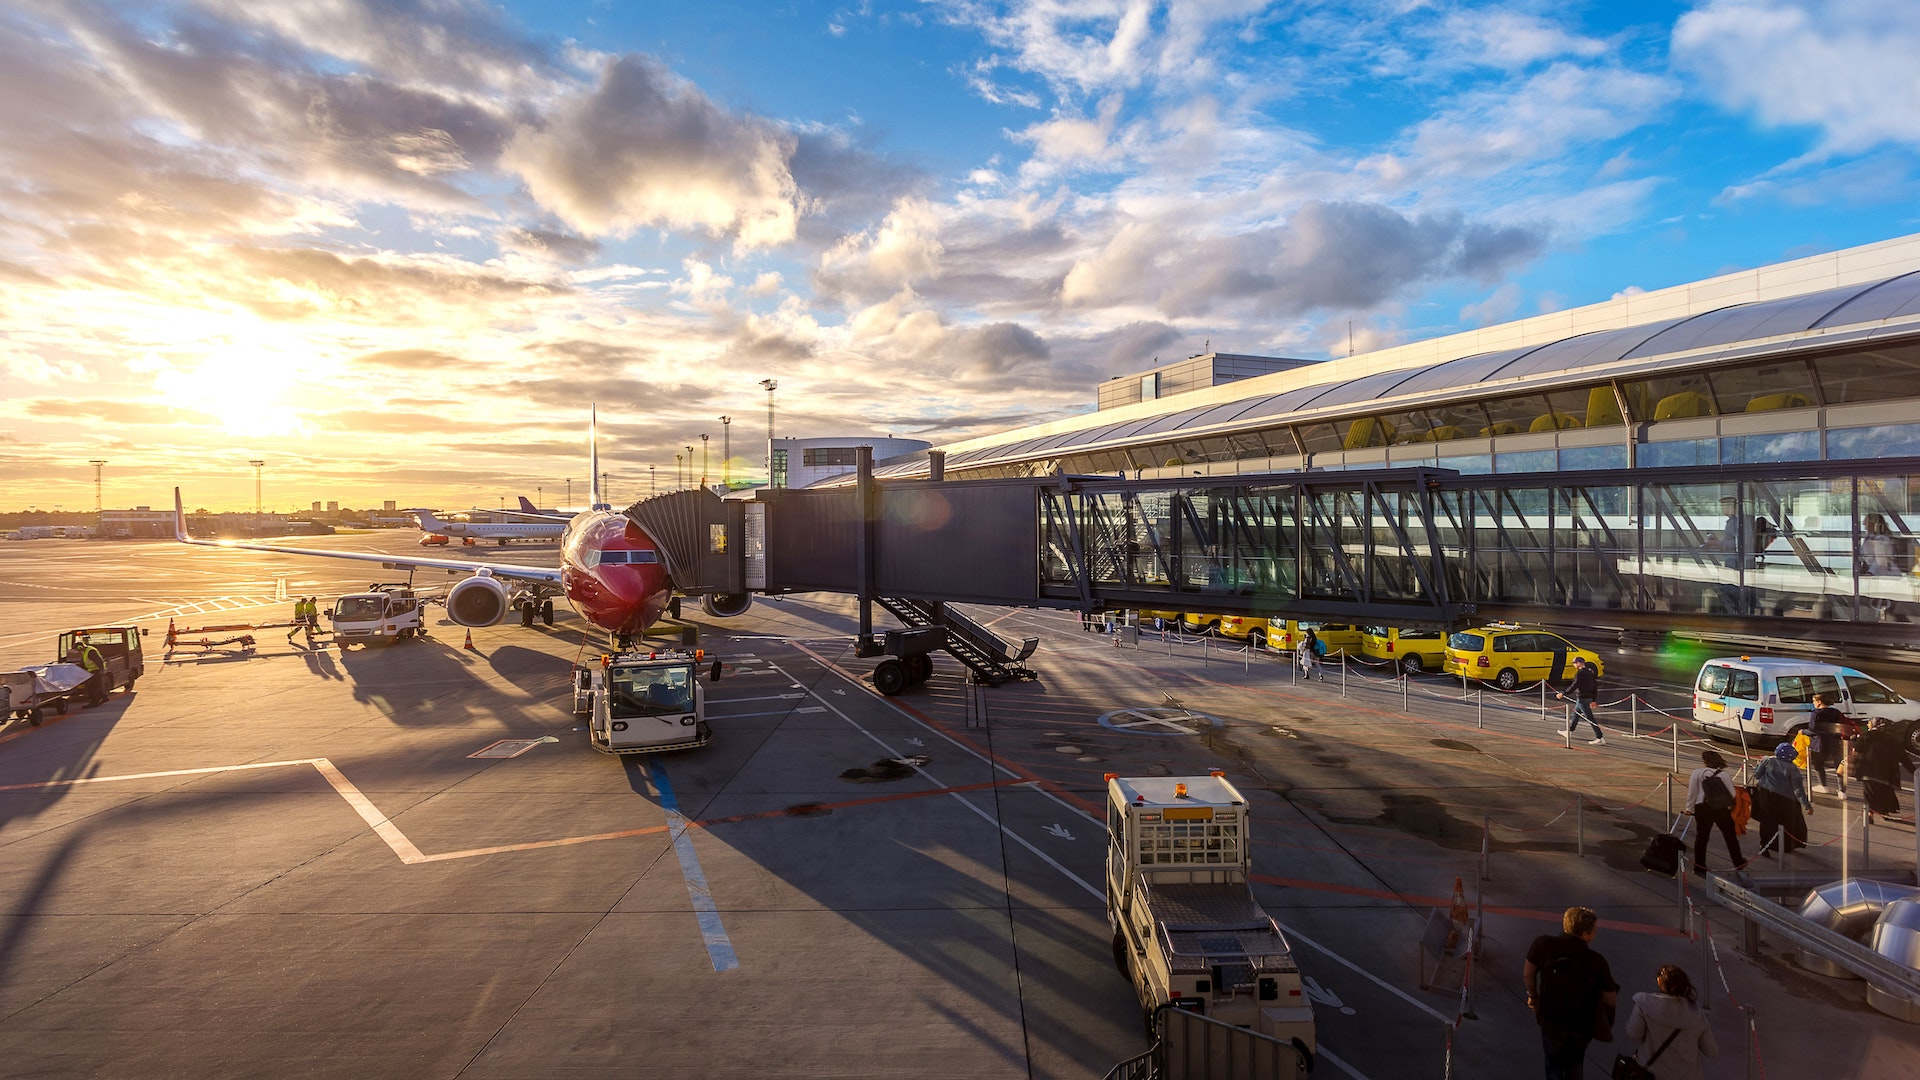 Vuelos en Latinoamérica: ¿Cuáles son las rutas aéreas más transitadas?